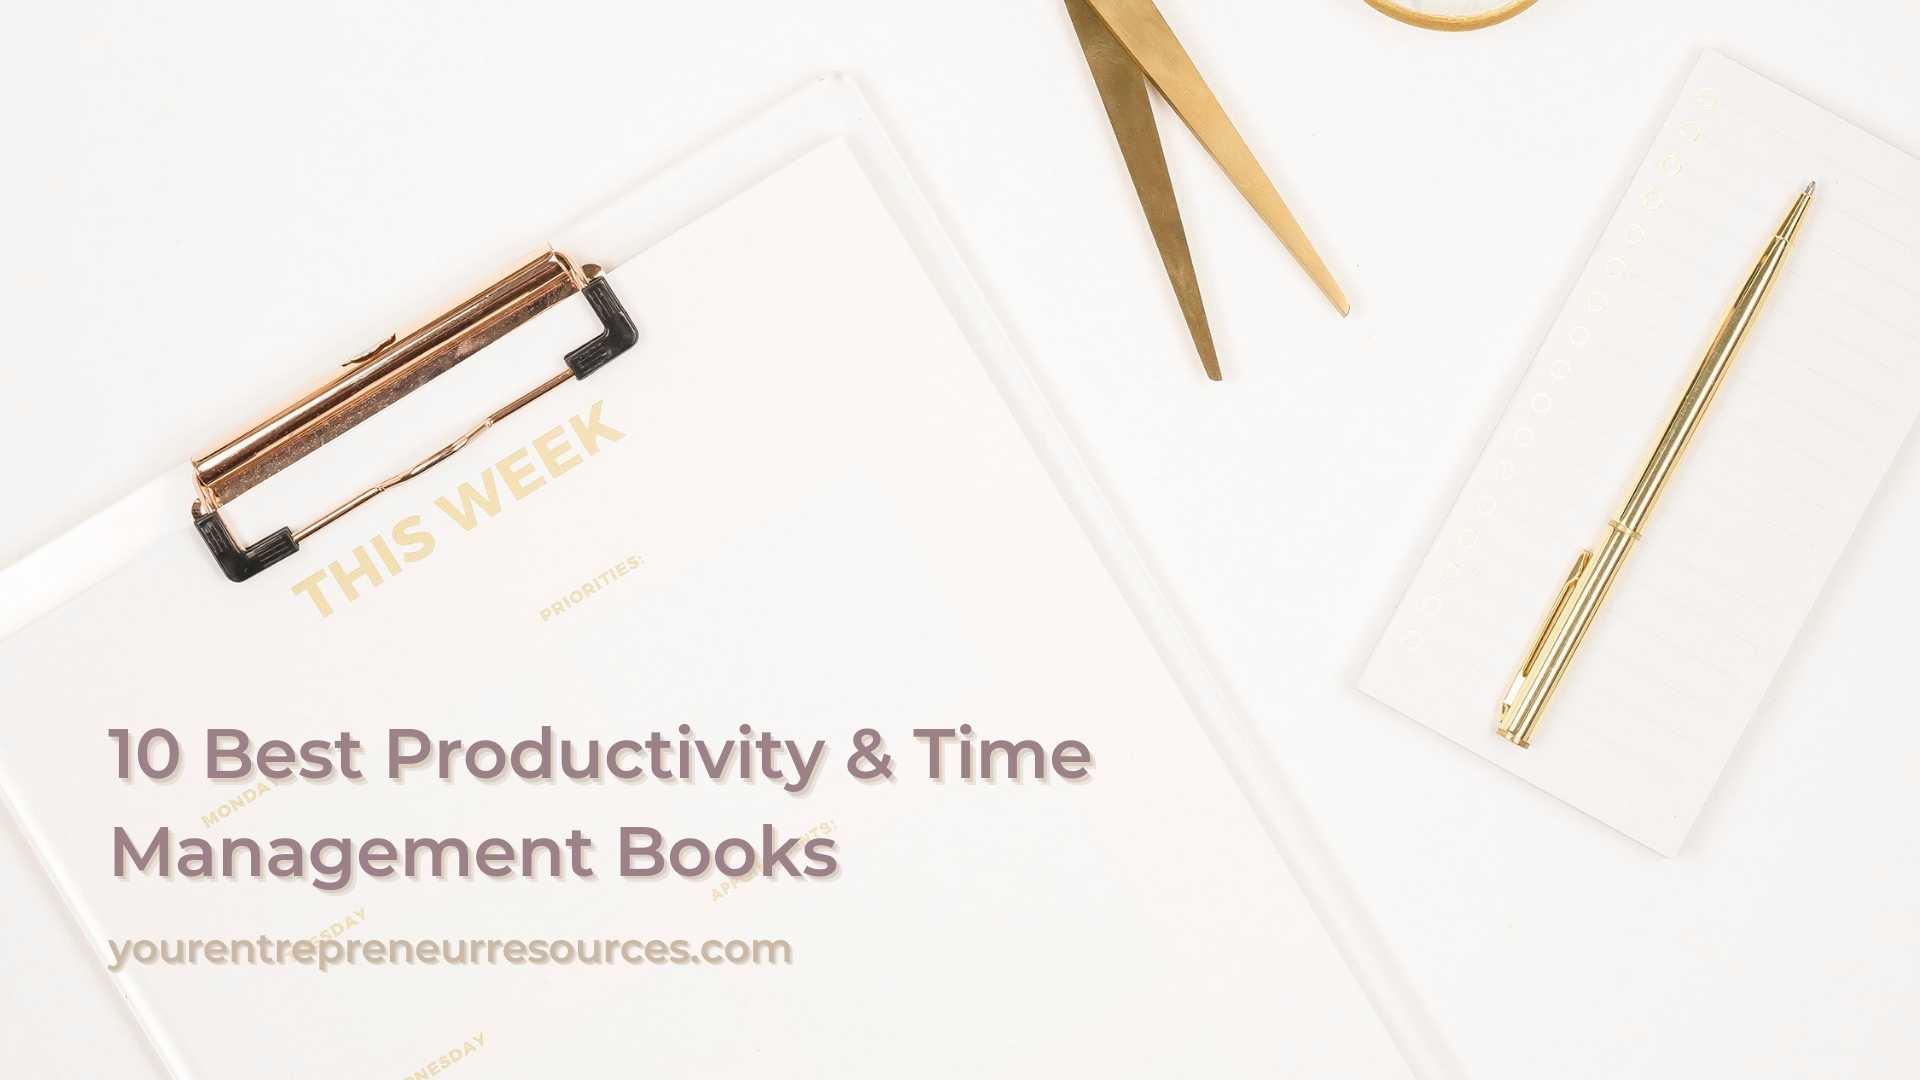 10 Best Productivity & Time Management Books